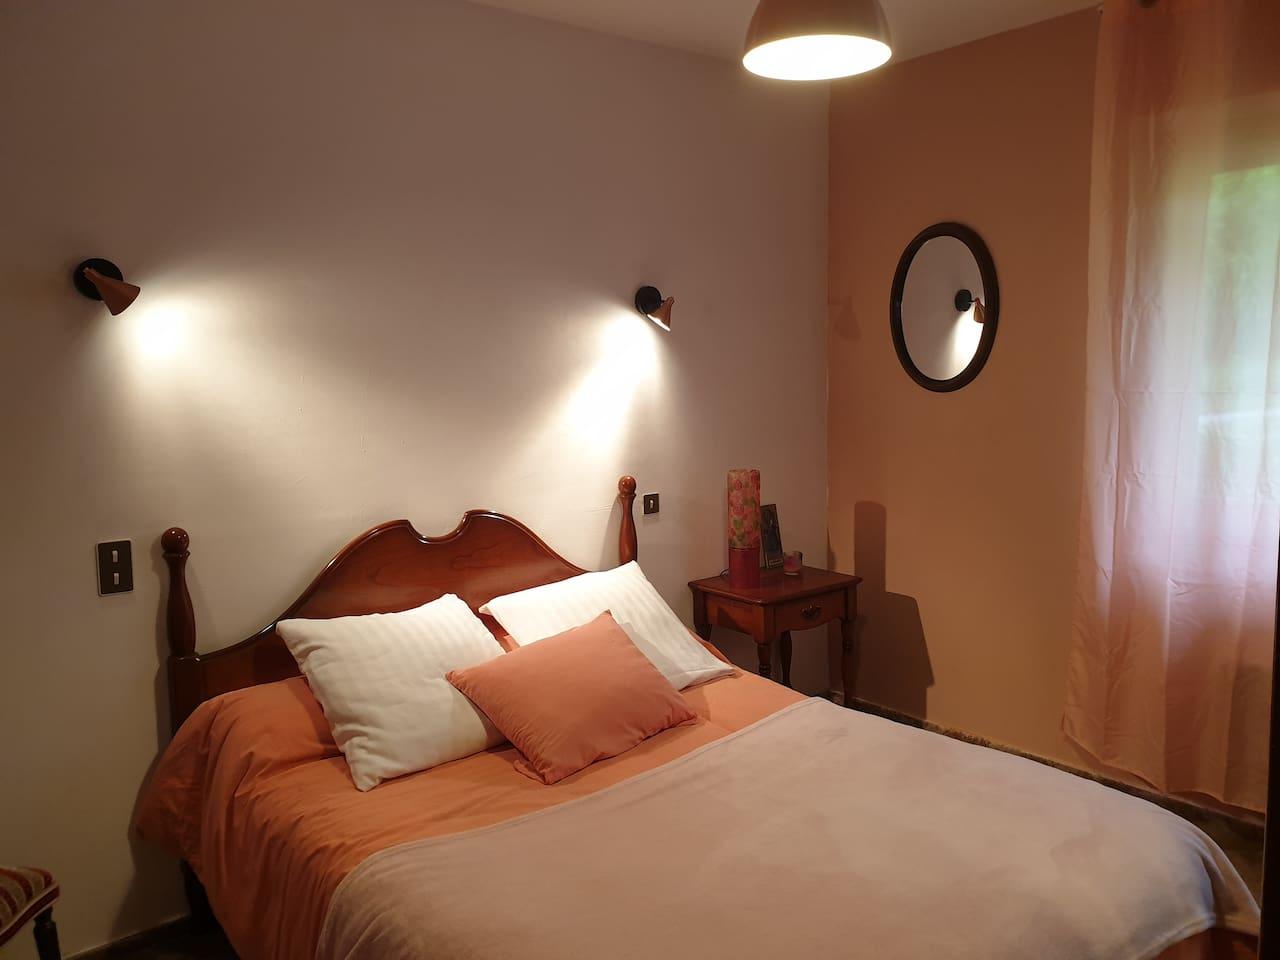 chambre N°1 avec 1 lit pour 2 personnes en 140